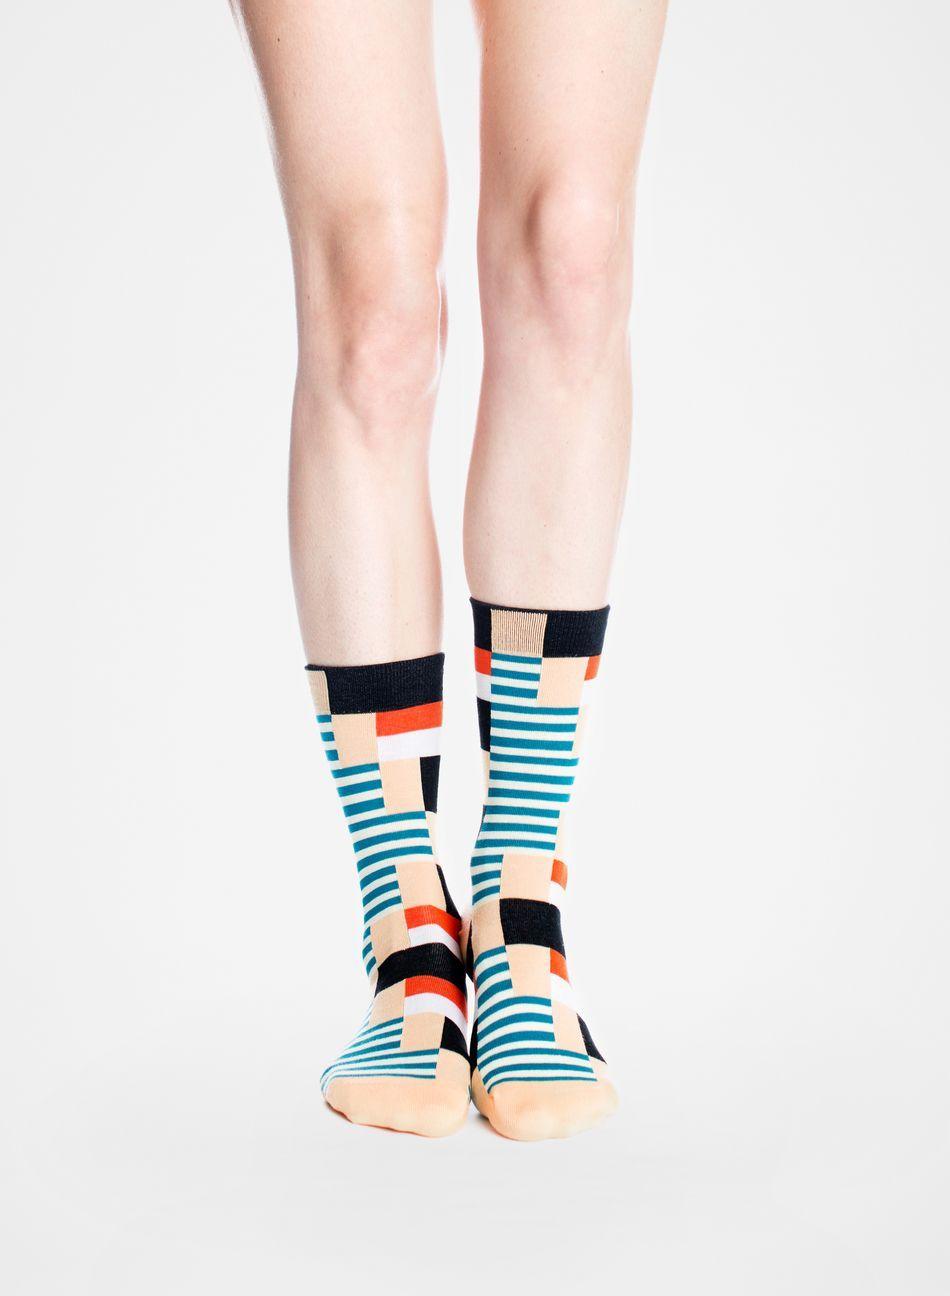 Vikkelä-sukat (persikka, musta, punainen) |Asusteet, Sukat ja sukkahousut, Laukut & asusteet | Marimekko